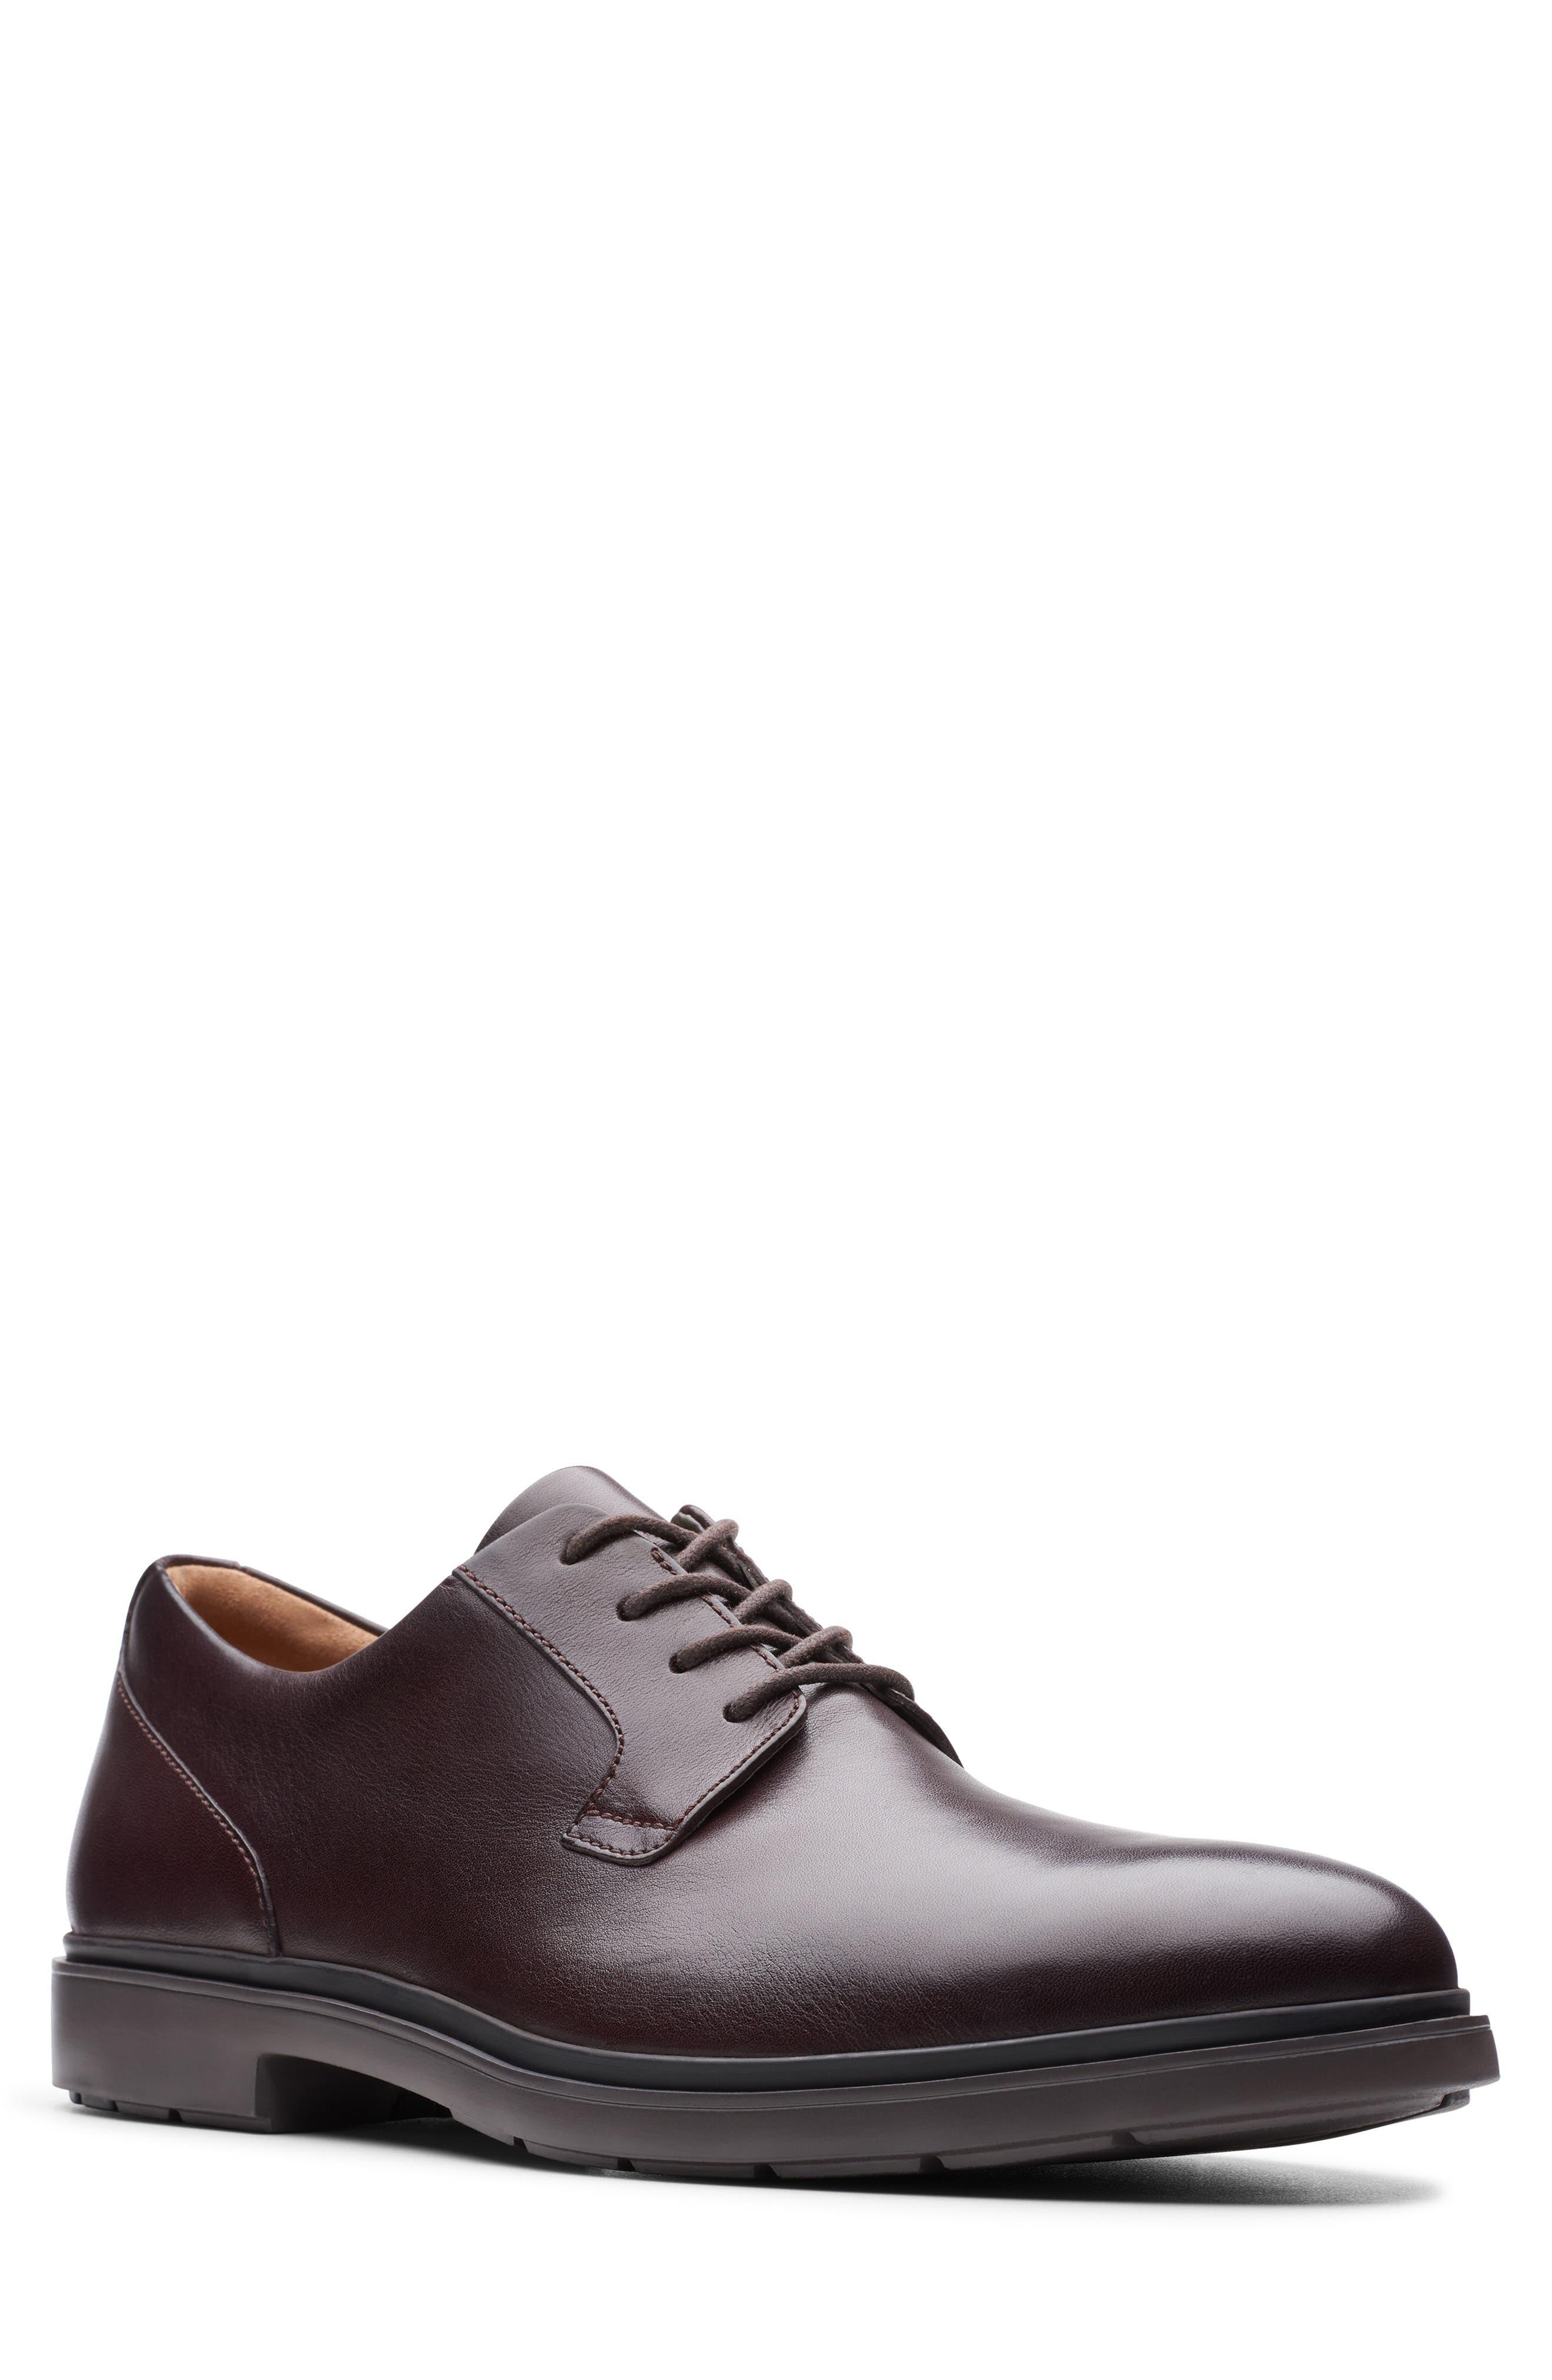 Men's Clarks Un Tailor Plain Toe Derby